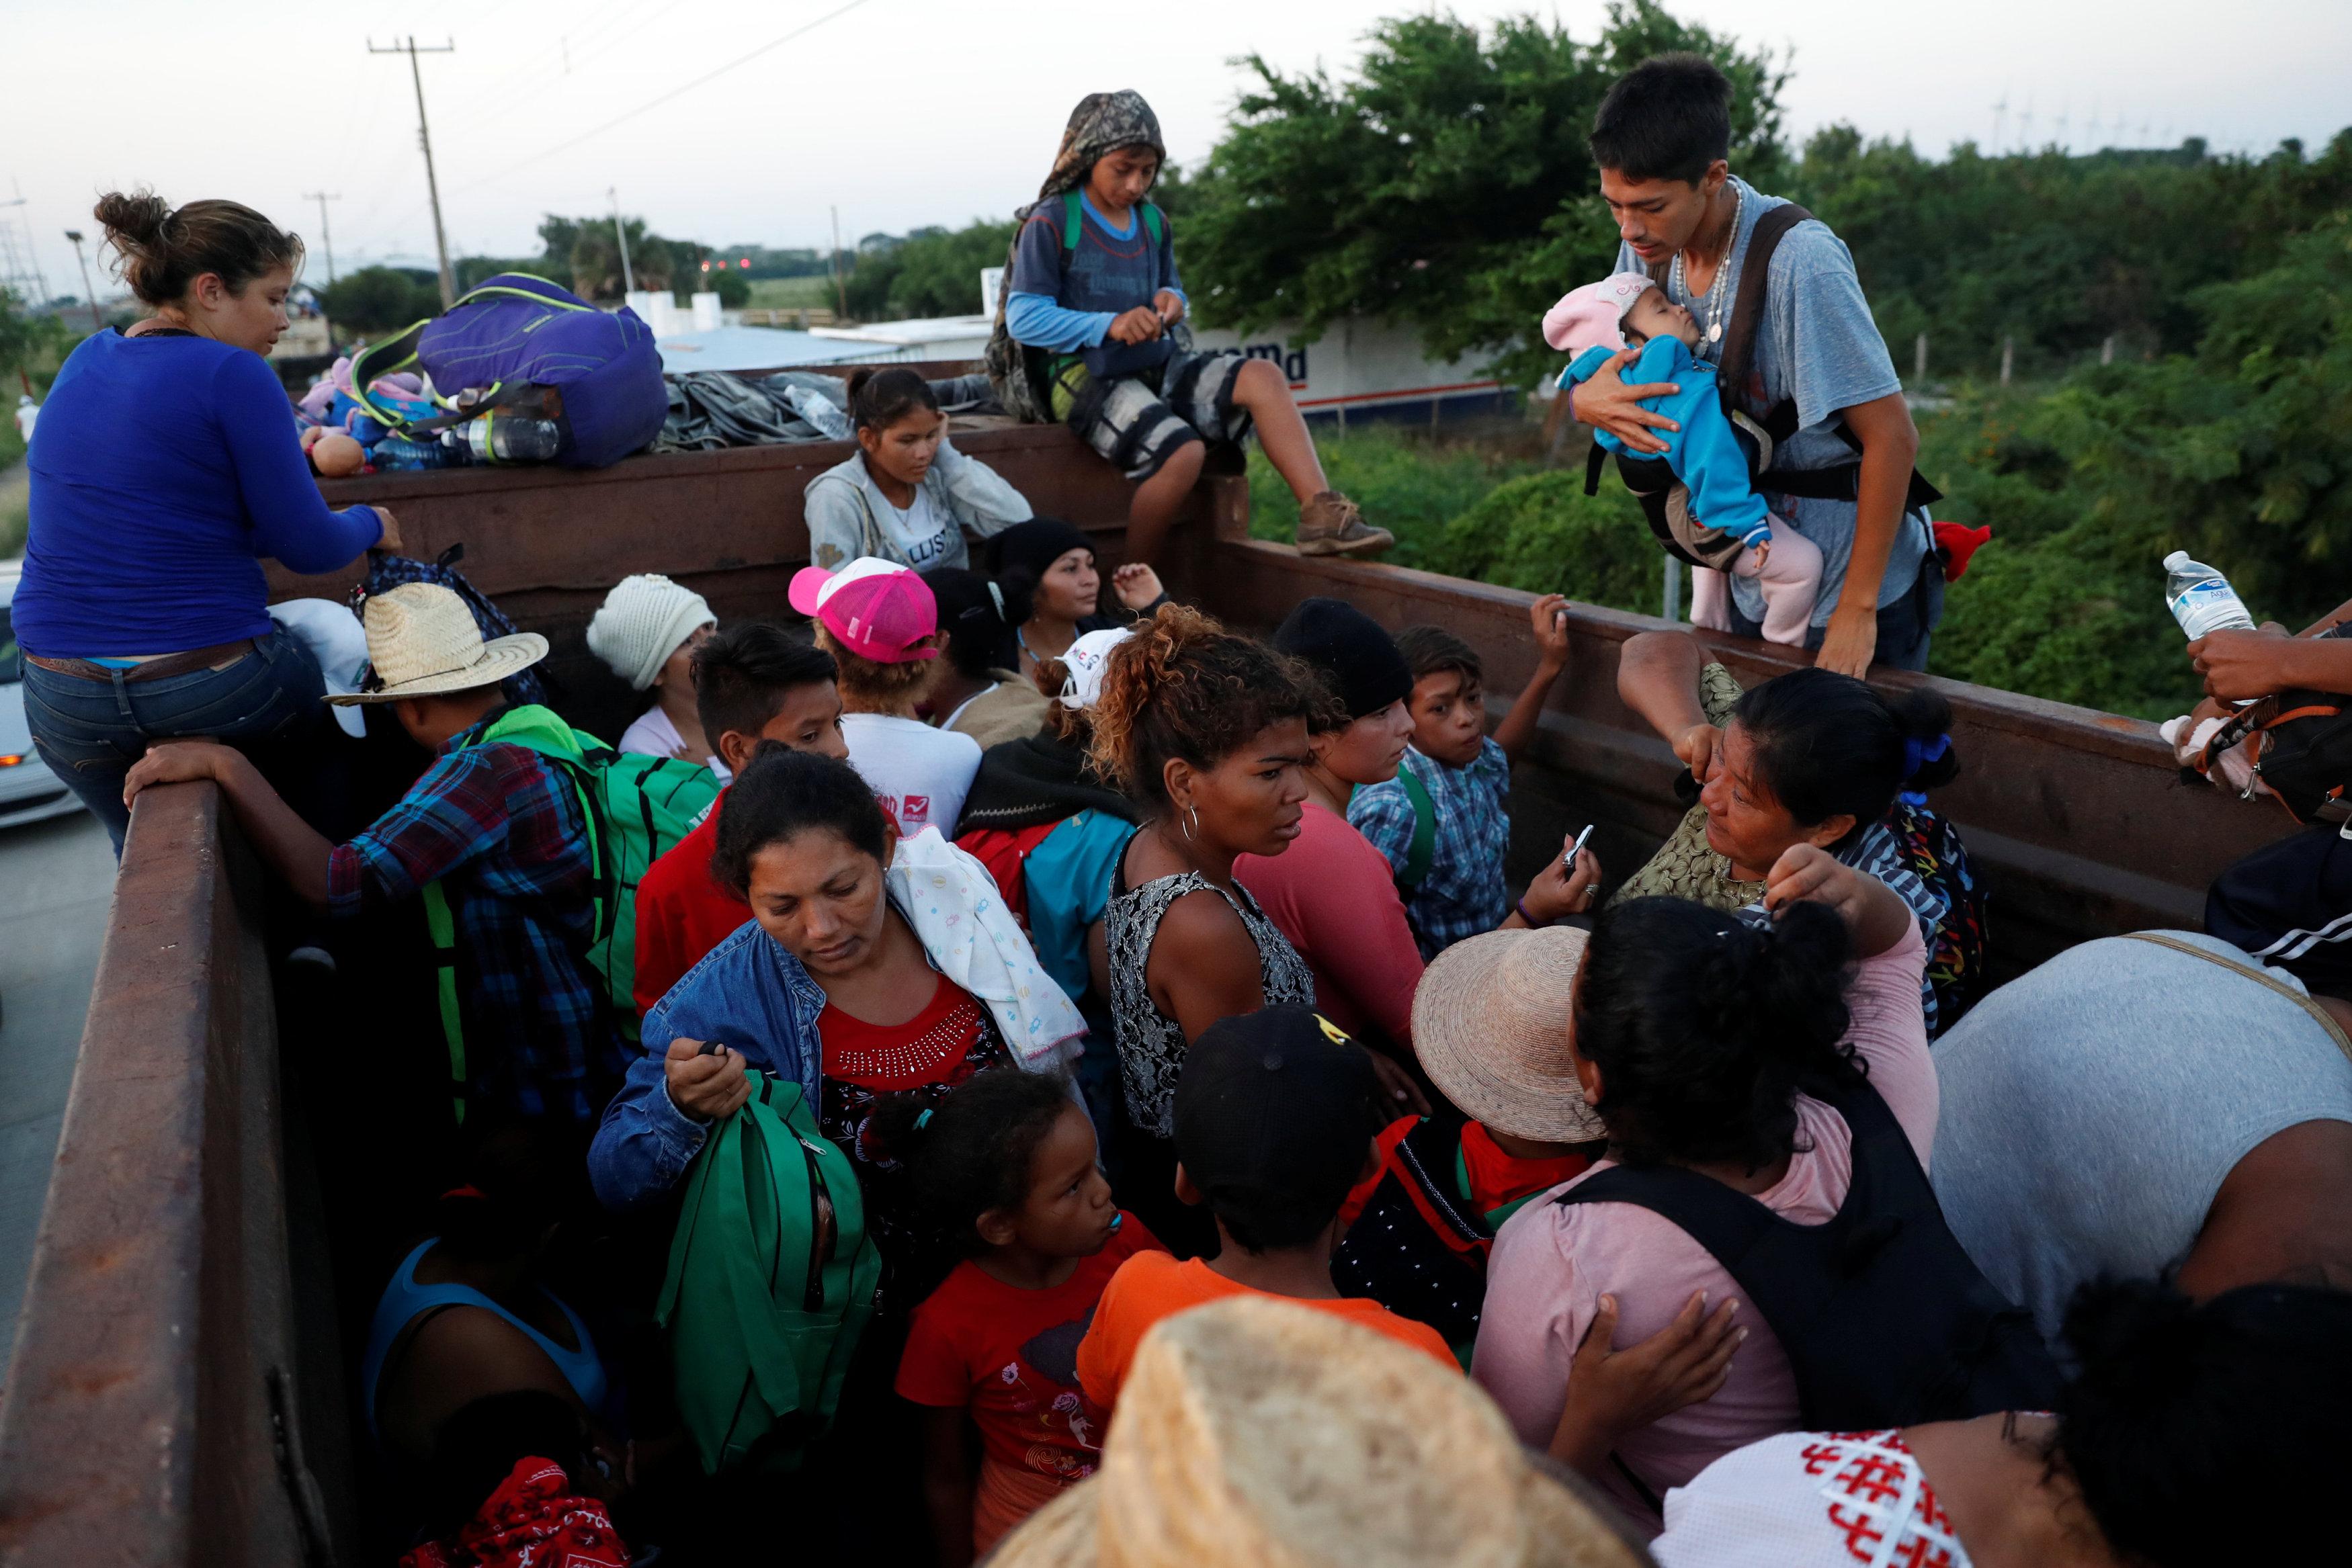 قافلة المهاجرين تواصل تقدمها تجاه أمريكا (3)